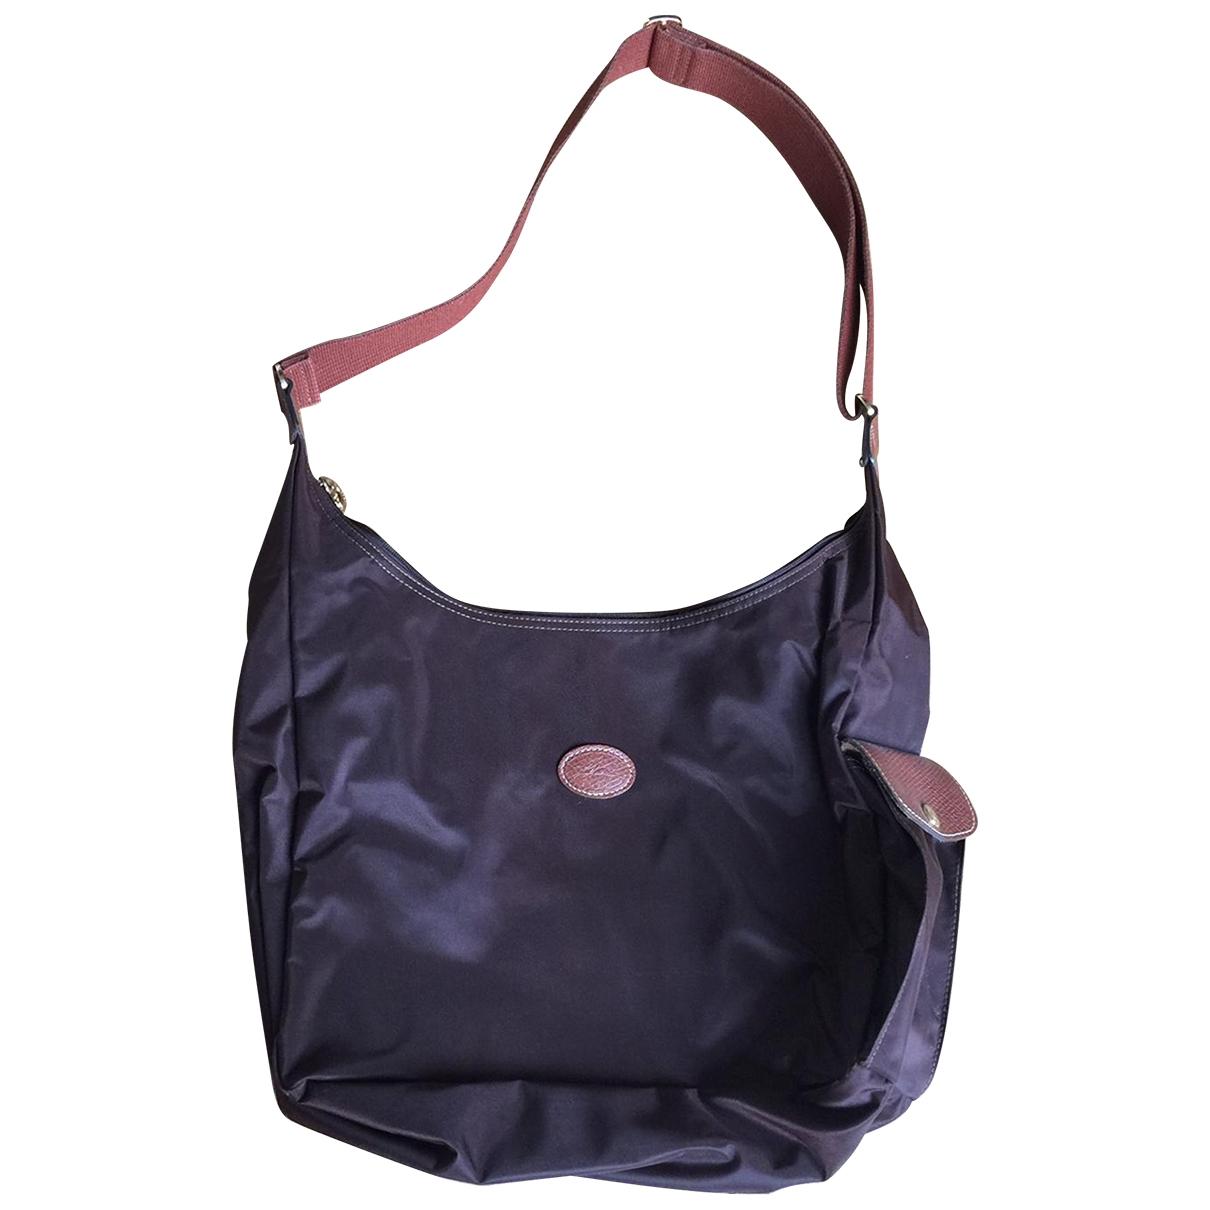 Longchamp Pliage  Handtasche in  Braun Polyester